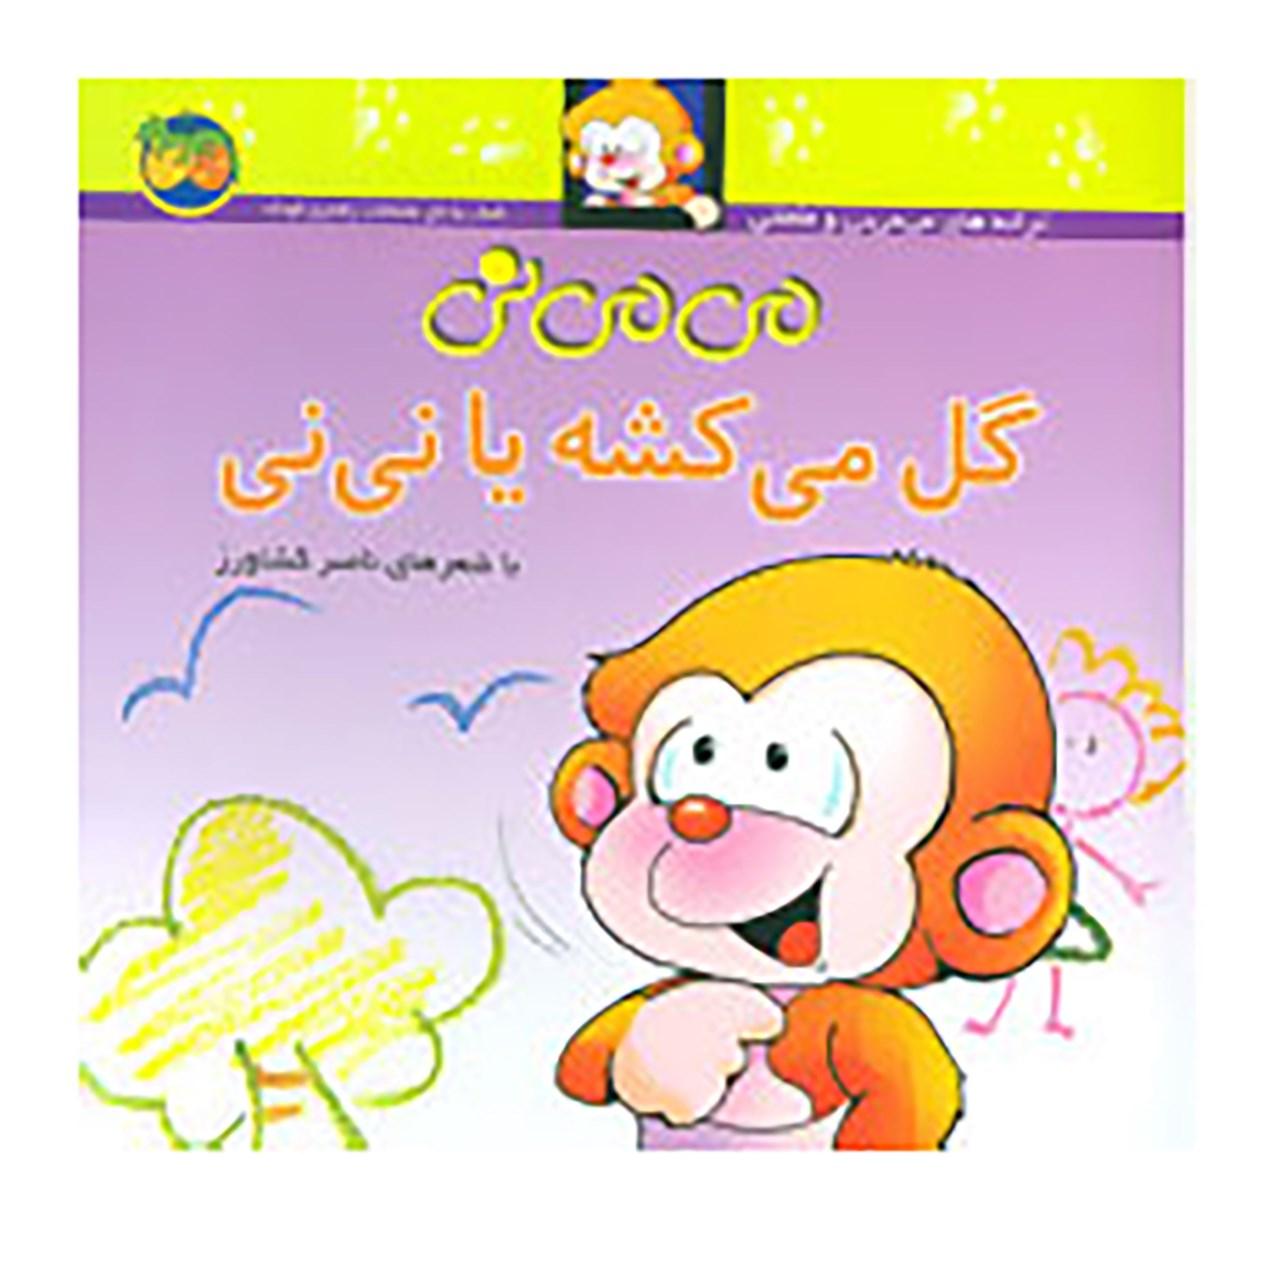 کتاب می می نی 1 اثر ناصر کشاورز